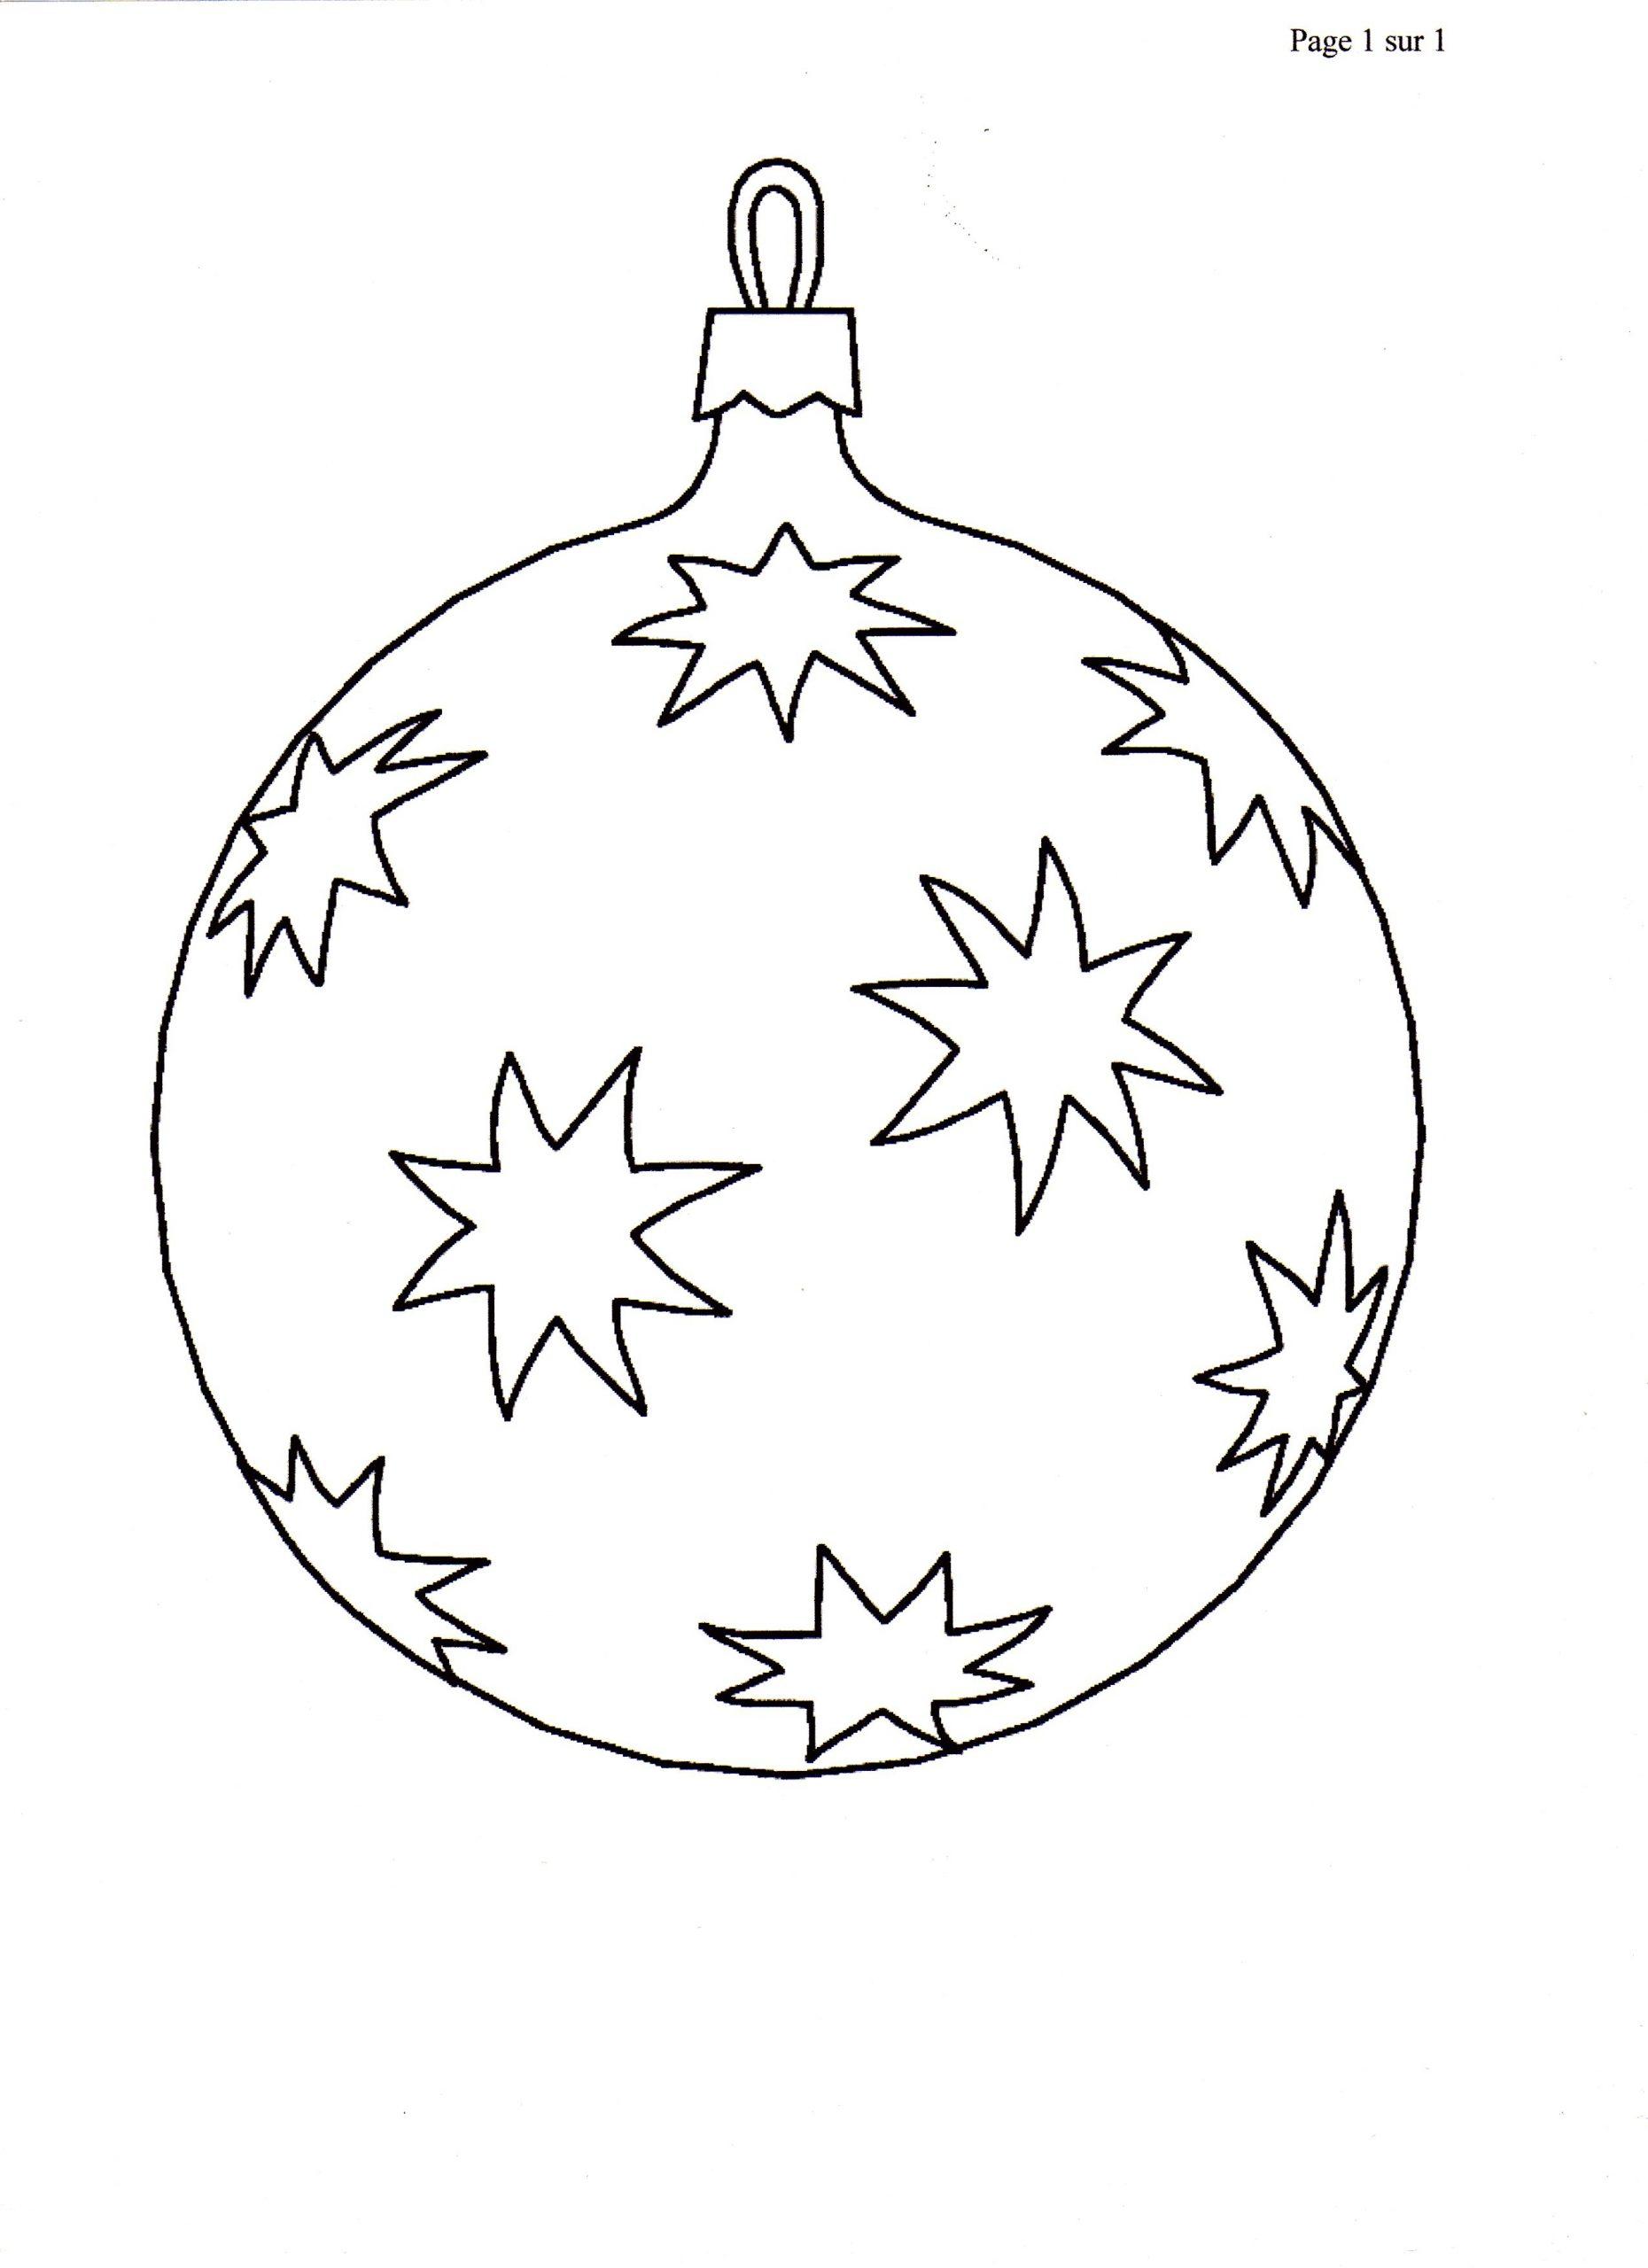 118 Dessins De Coloriage Noël À Imprimer intérieur Dessin A Colorier De Noel Gratuit A Imprimer